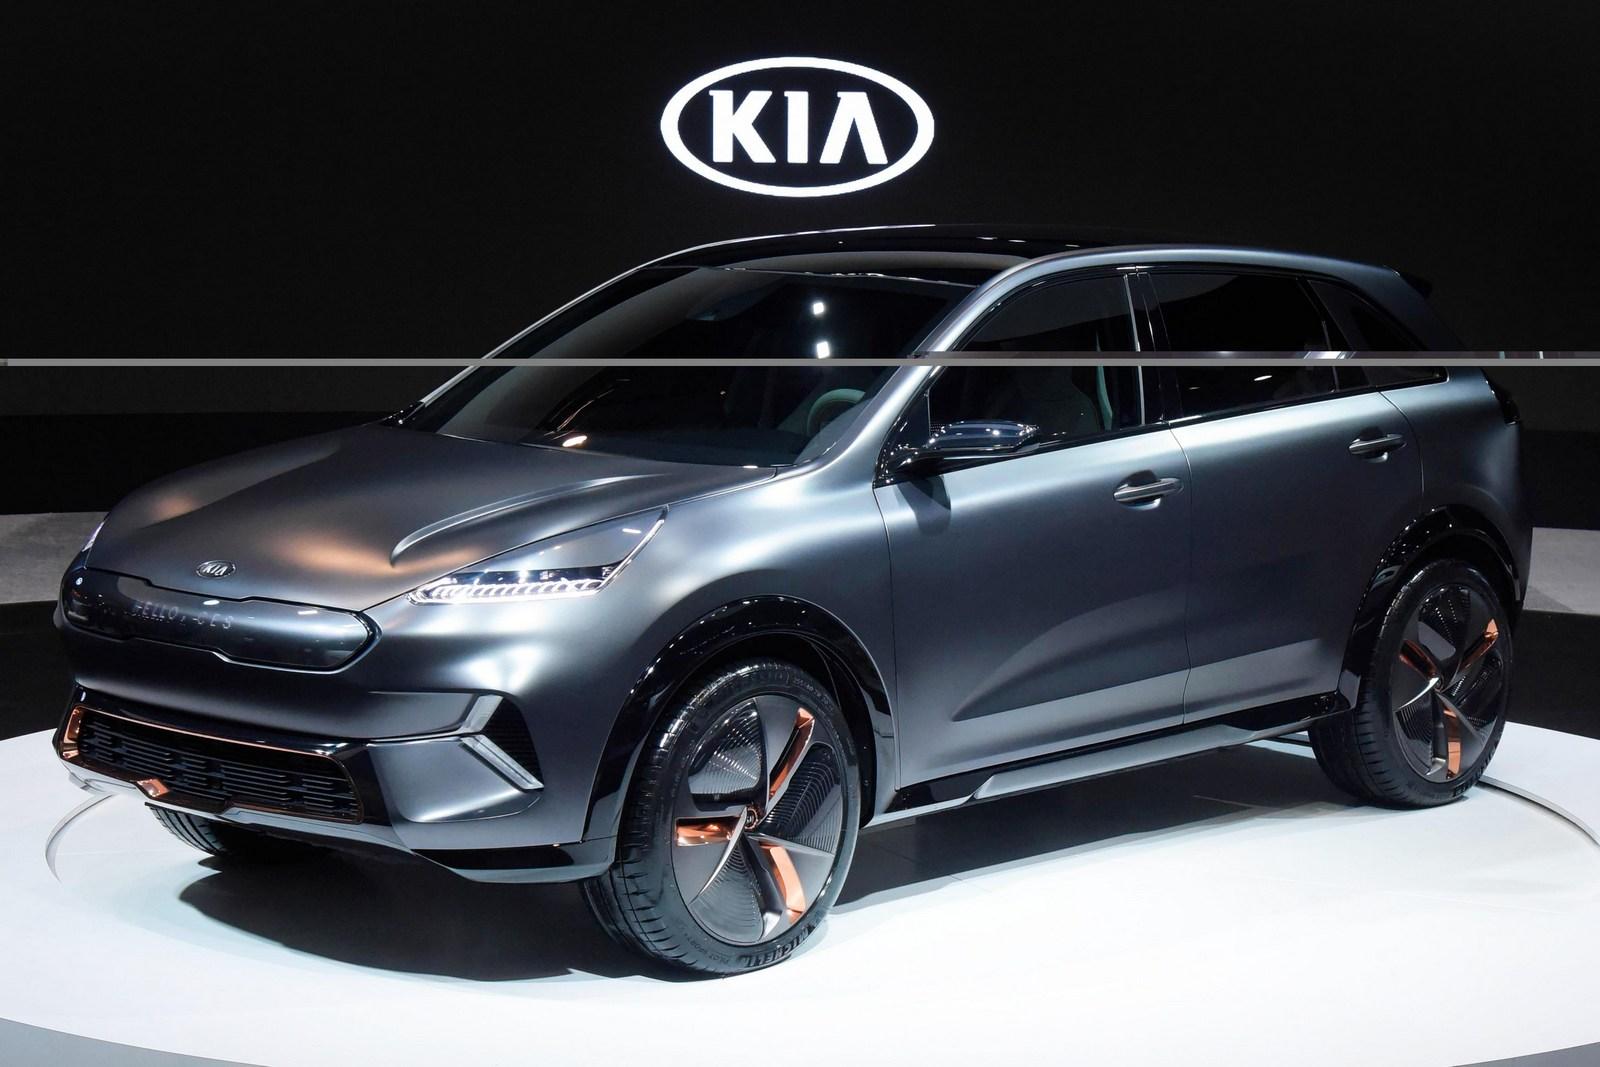 Электромобиль KIA Niro EV представлен официально